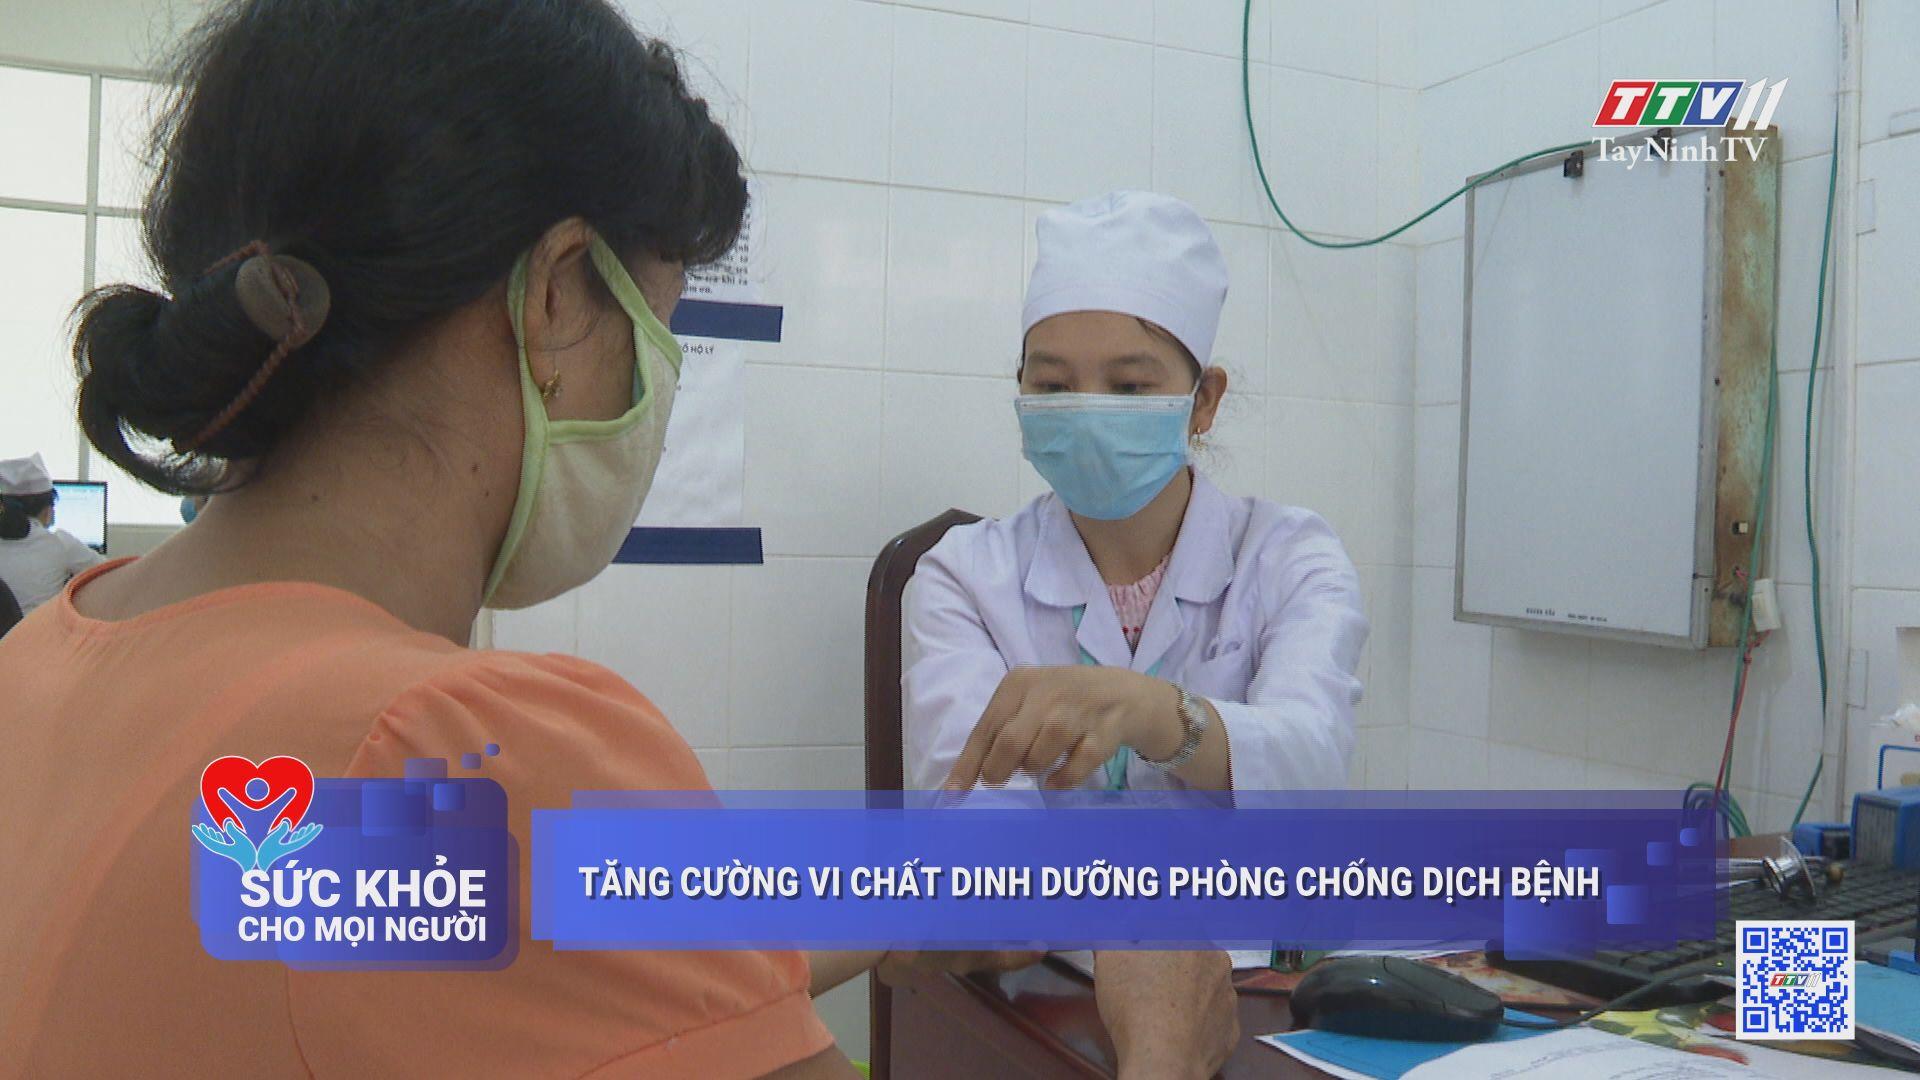 Tăng cường vi chất dinh dưỡng phòng chống dịch bệnh | SỨC KHỎE CHO MỌI NGƯỜI | TayNinhTV